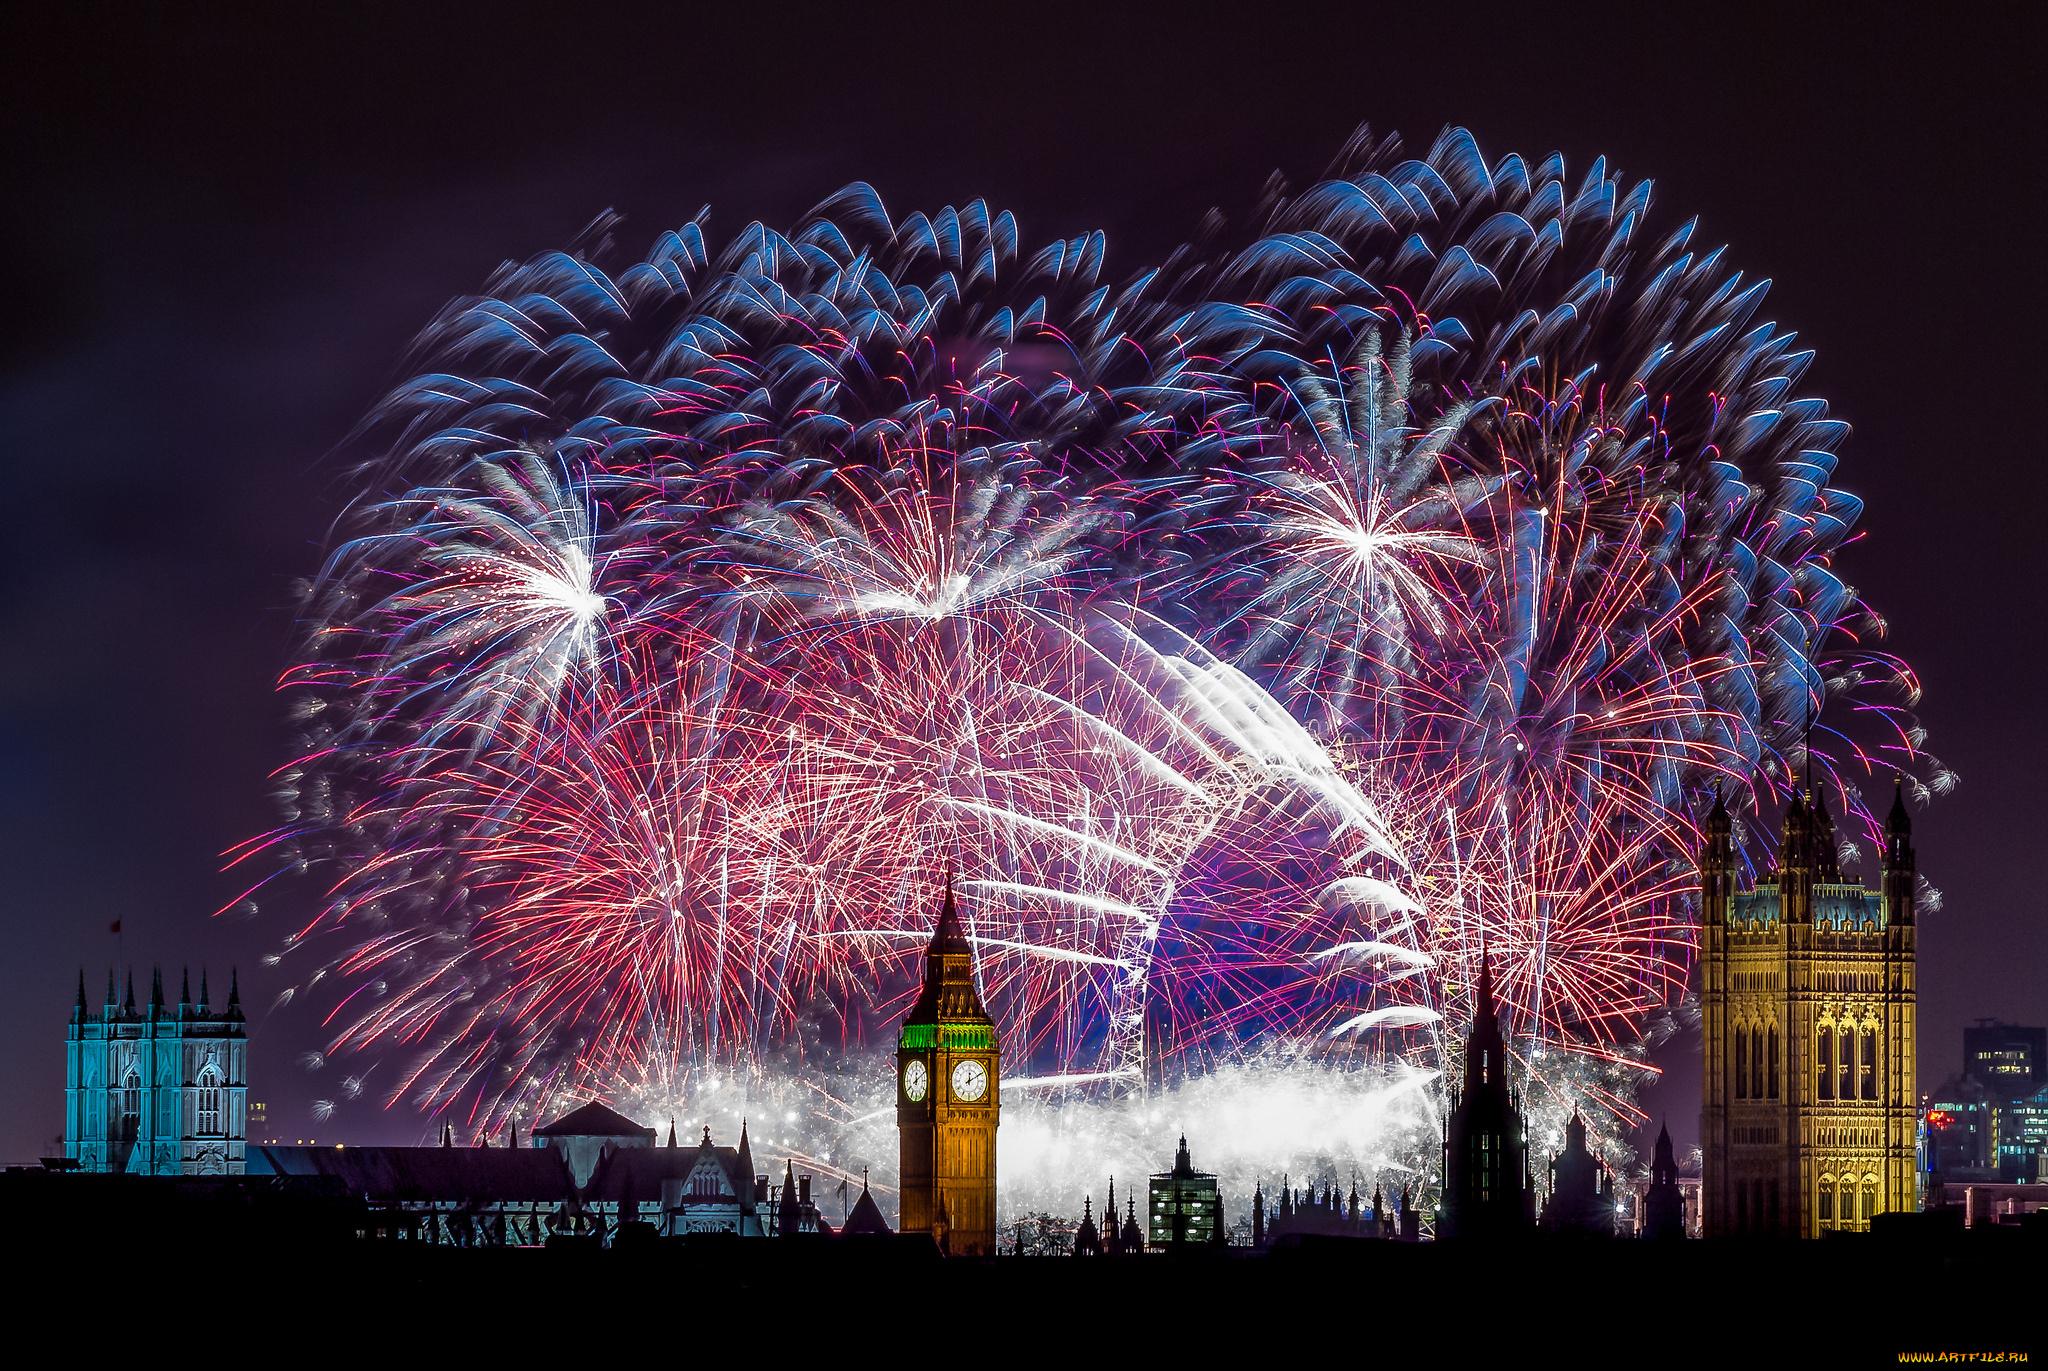 fireworks-for-london-goroda-london--veli-988547